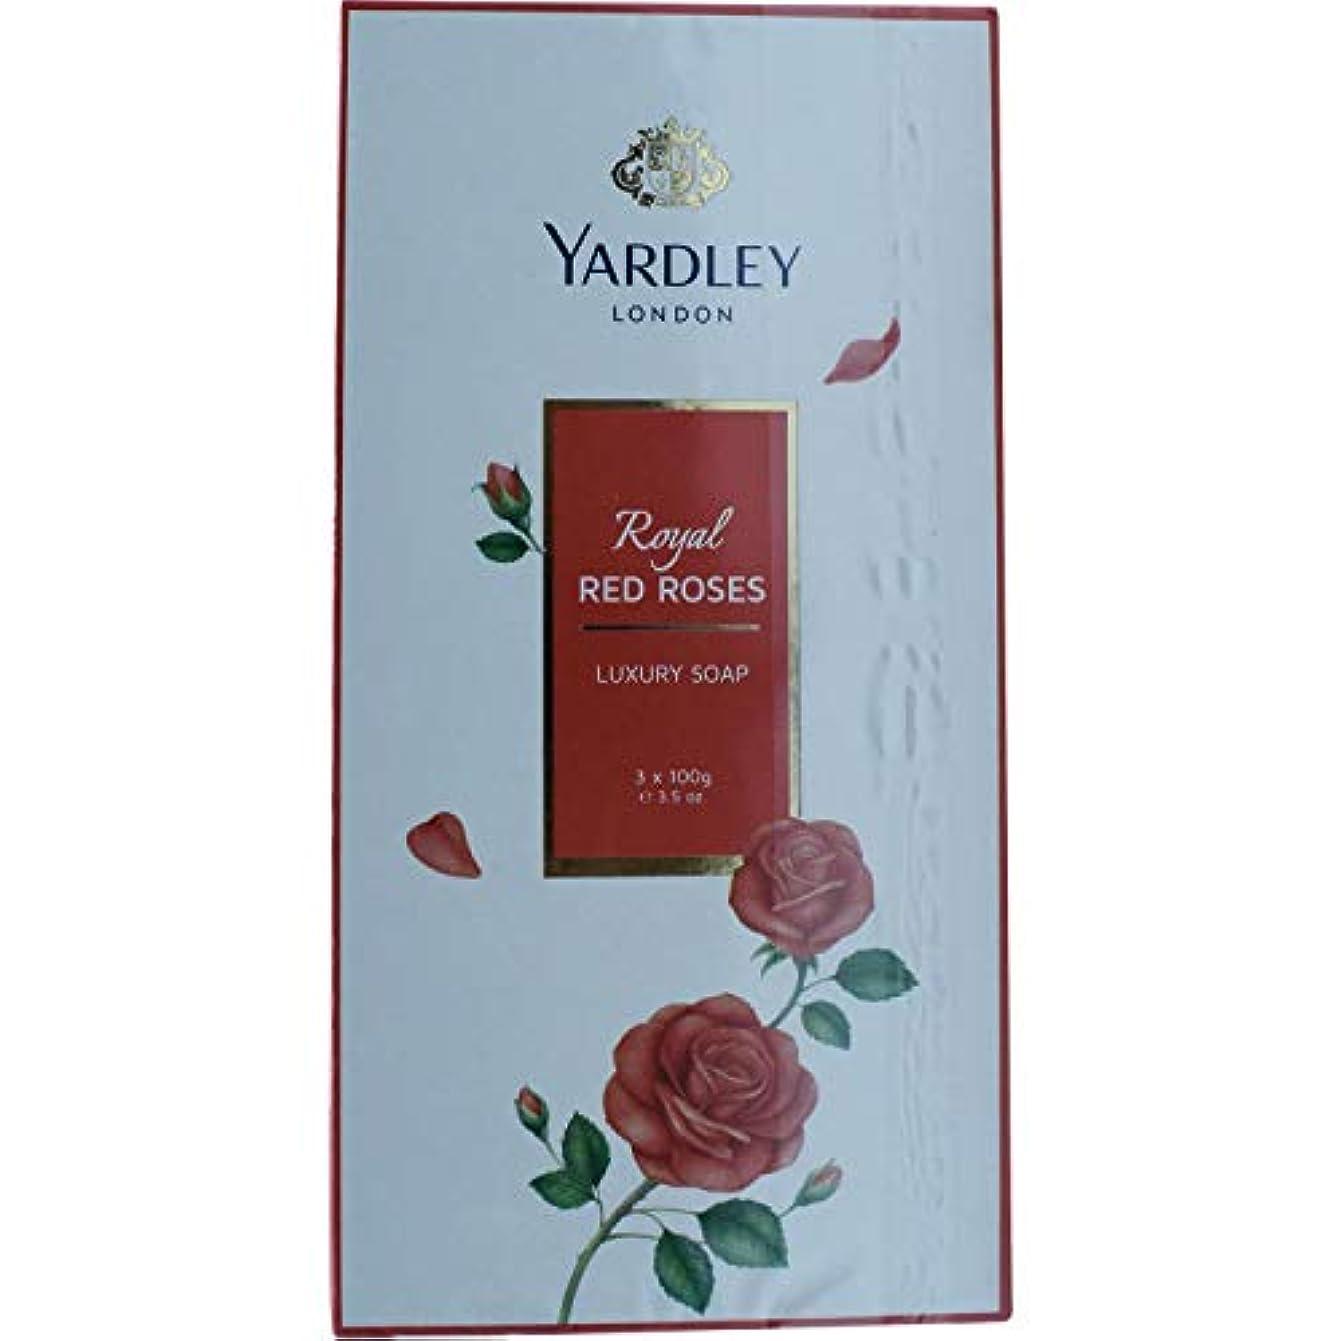 あいさつ実行可能救いYardley 1ロンドン赤バラ、3 x net wt。100 g e 3.5oz